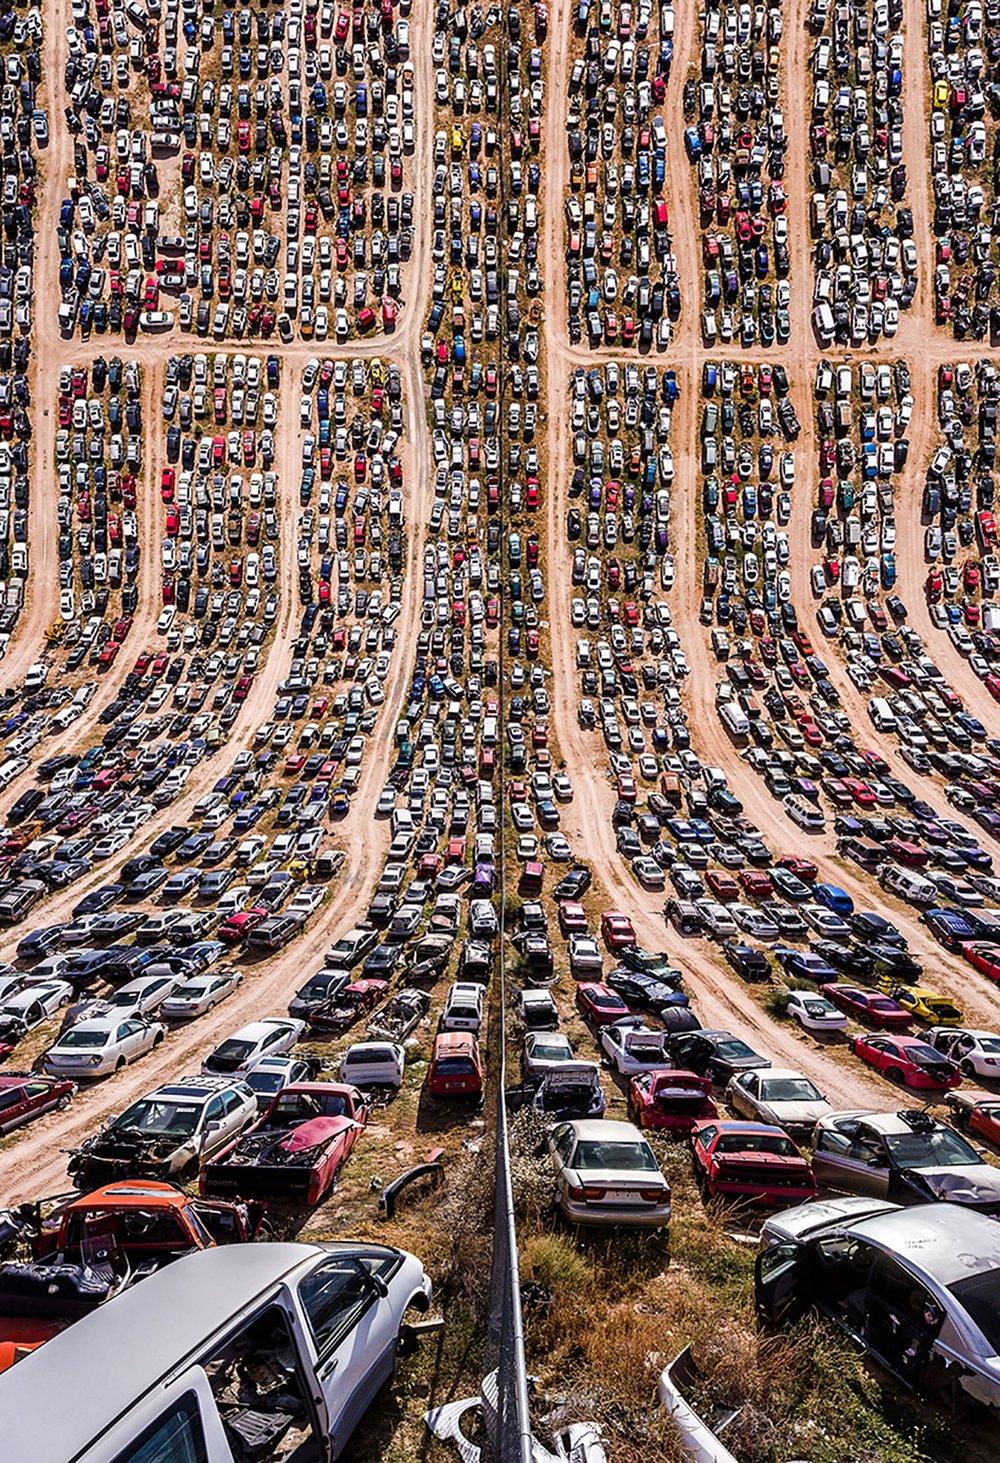 junkyard-copy.jpg